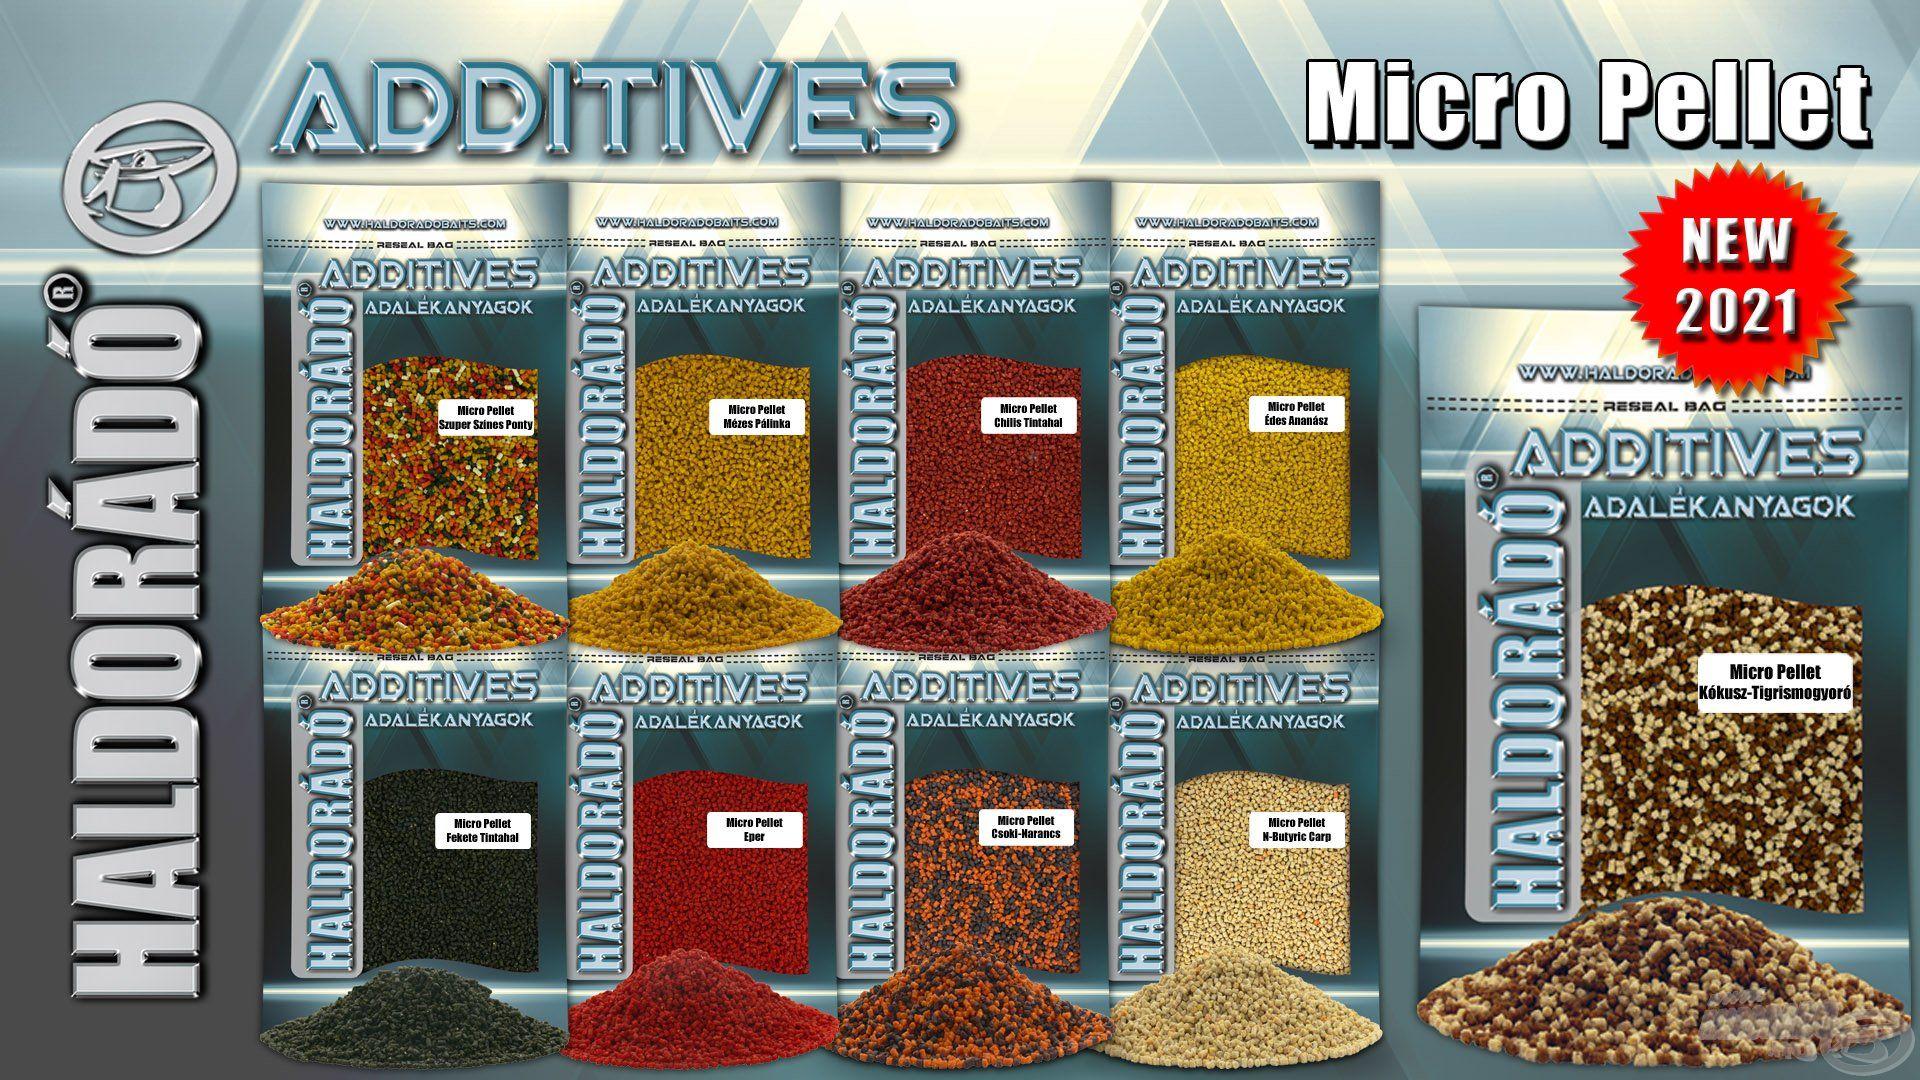 A Micro Pellet családot immár 10 féle változatban kínáljuk, az új íz a Kókusz + Tigrismogyoró